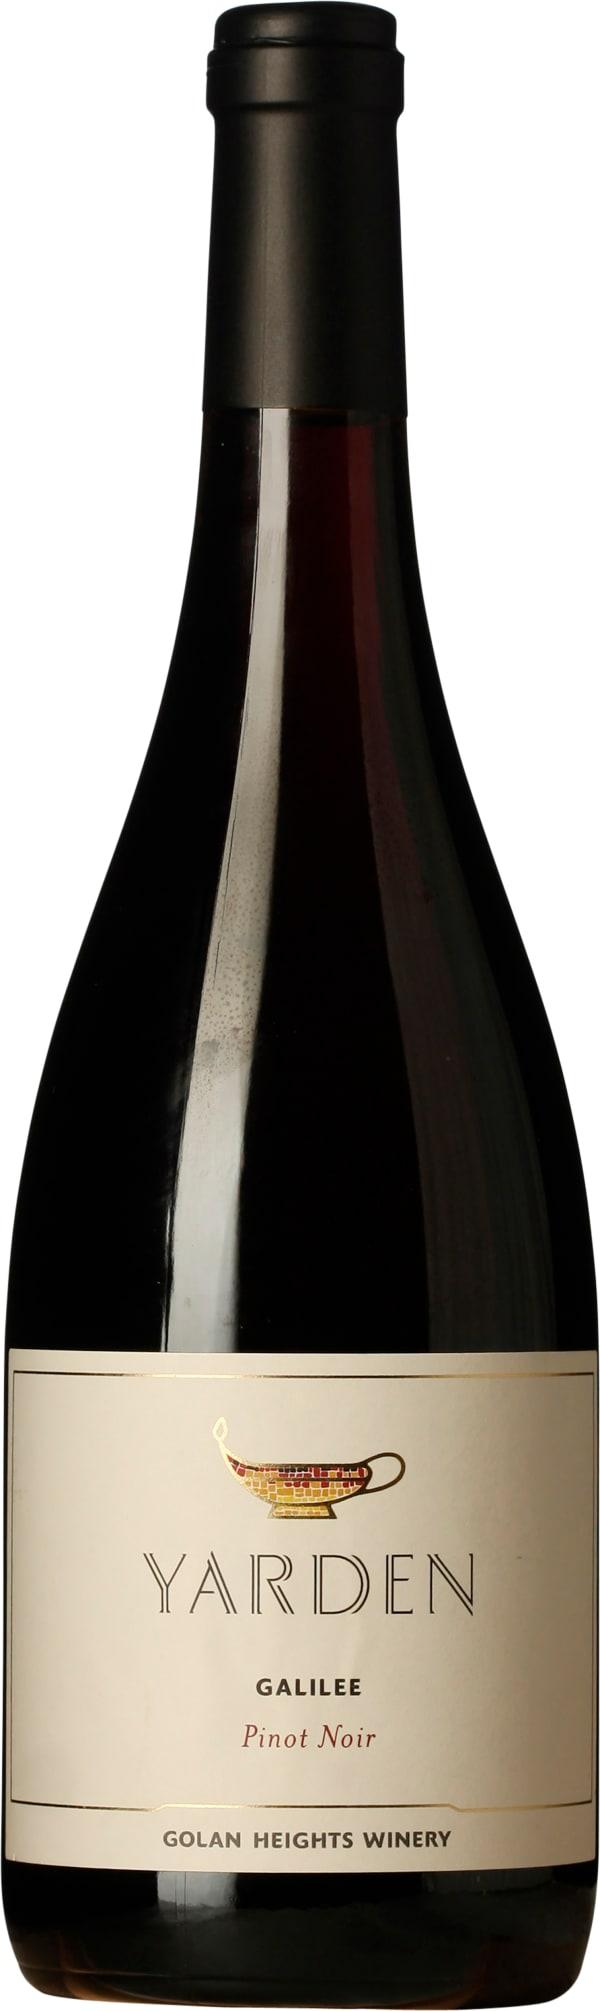 Yarden Pinot Noir 2016